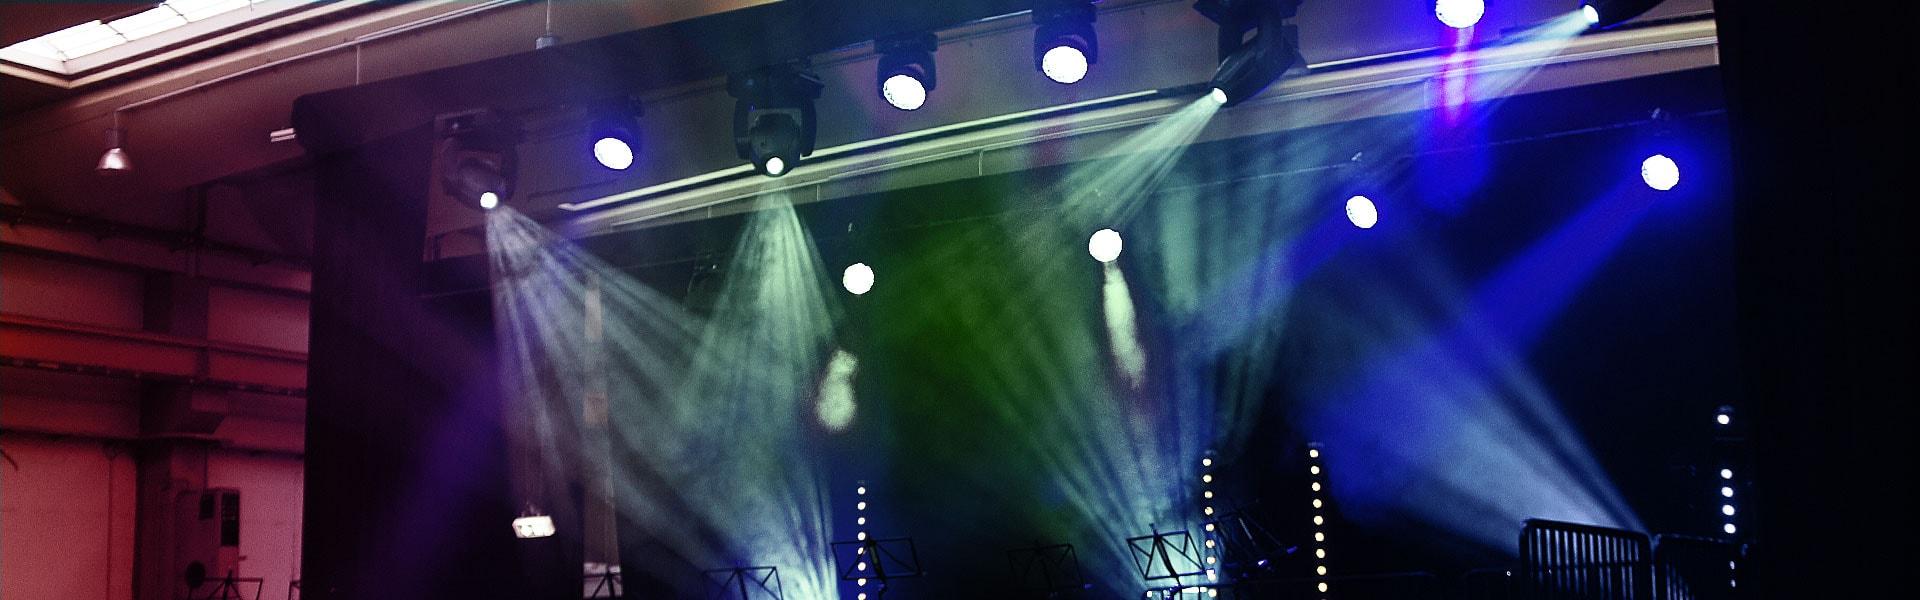 Bühnentechnik Veranstaltungstechnik